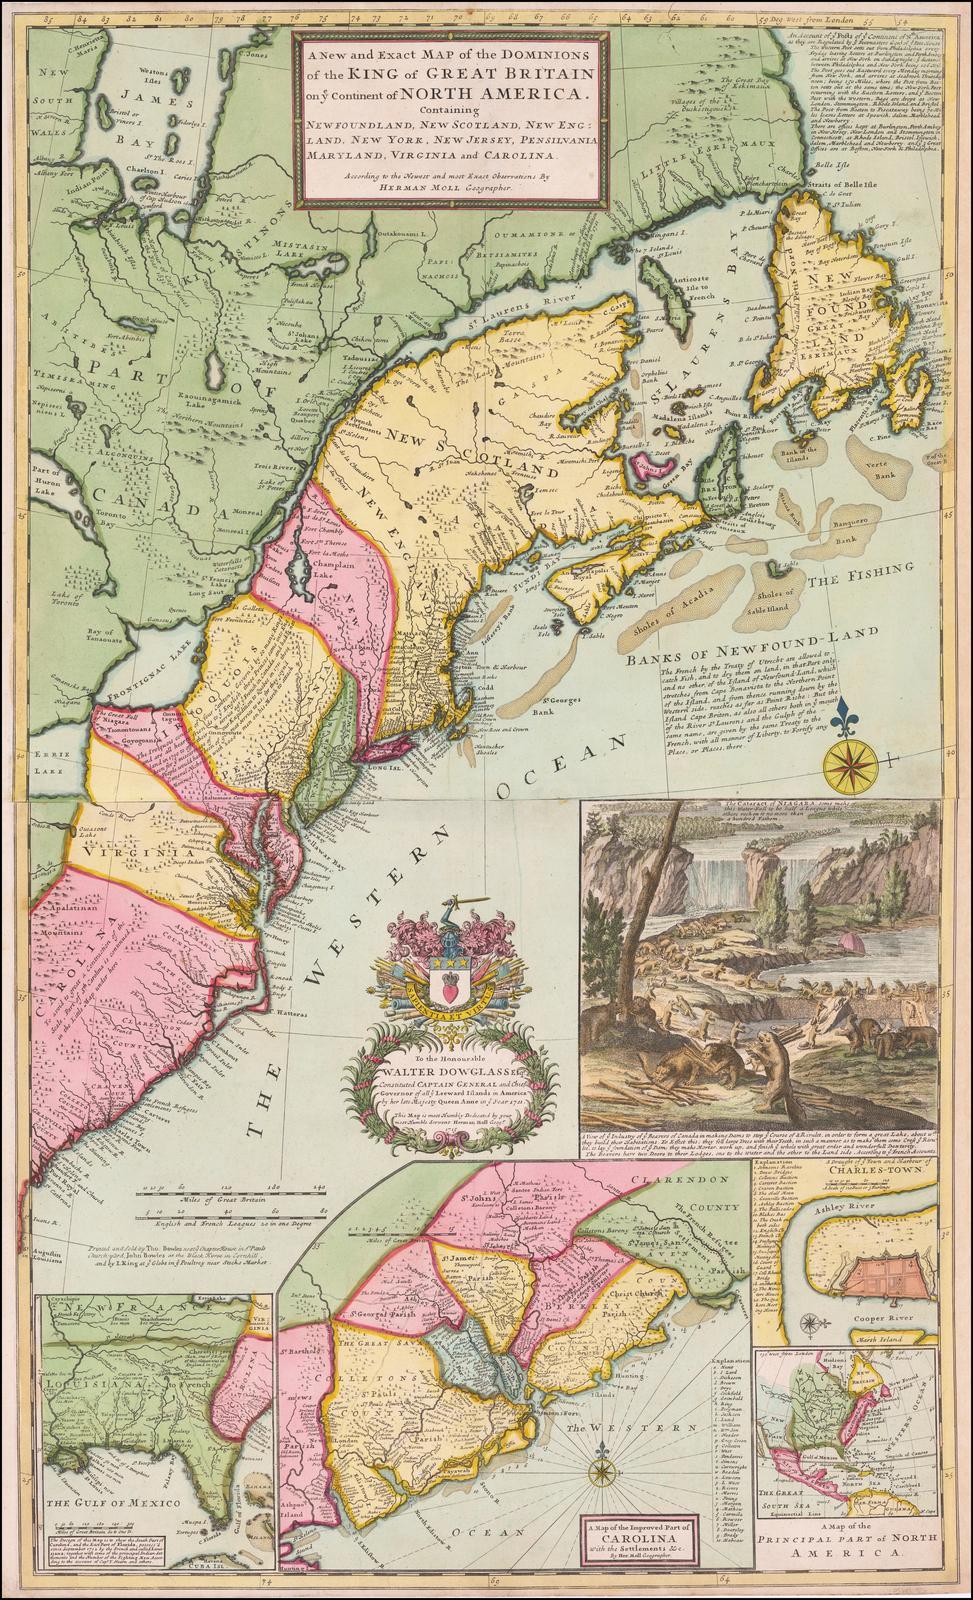 Раскрашенный пример основополагающей карты Молла британских колоний в Америке